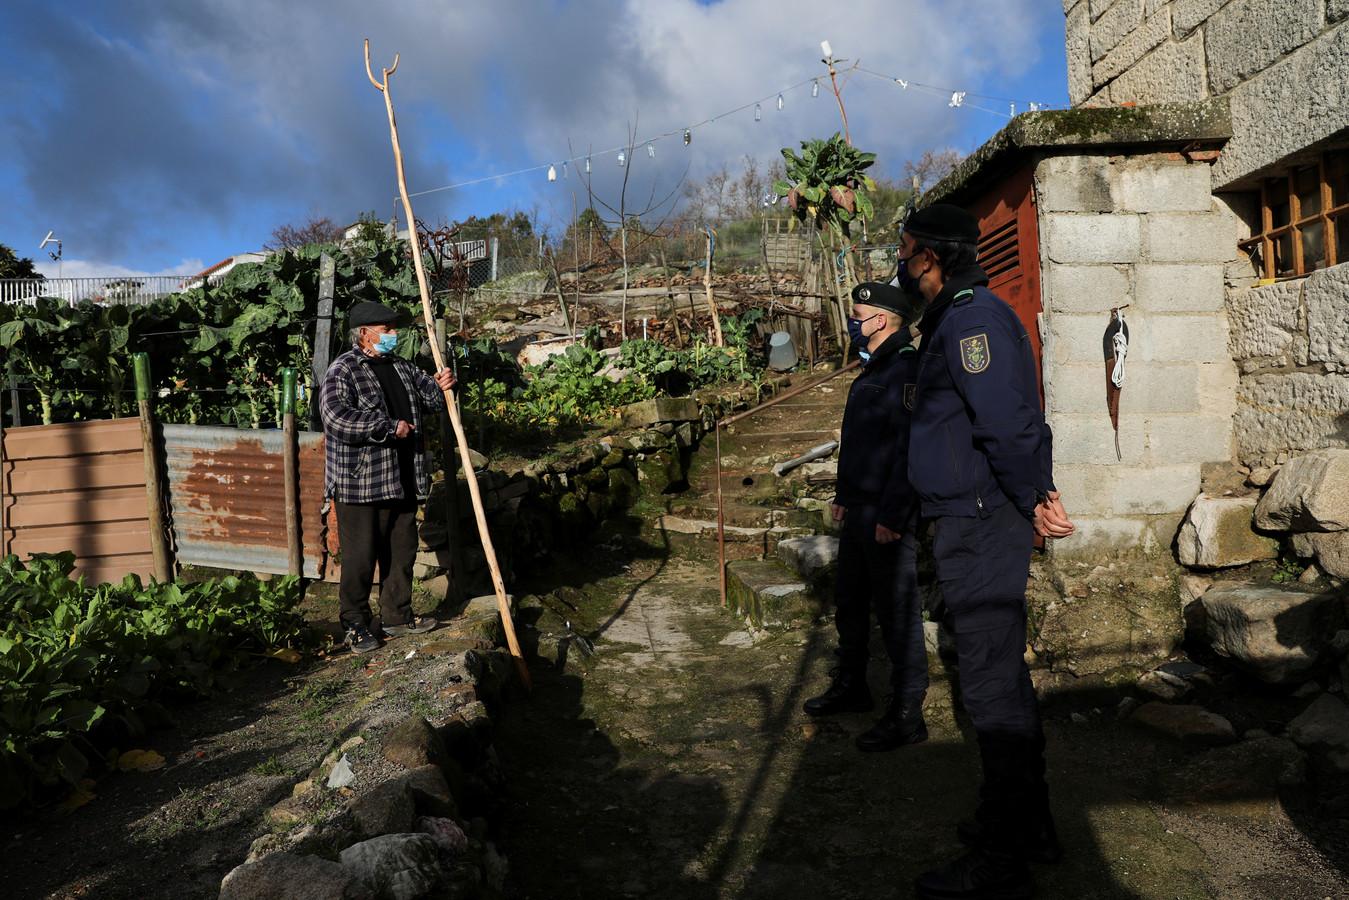 De Portugese gendarmerie bezoekt oudere bewoners die in isolatie leven om hun welzijn in de gaten te houden tijdens de lockdown.